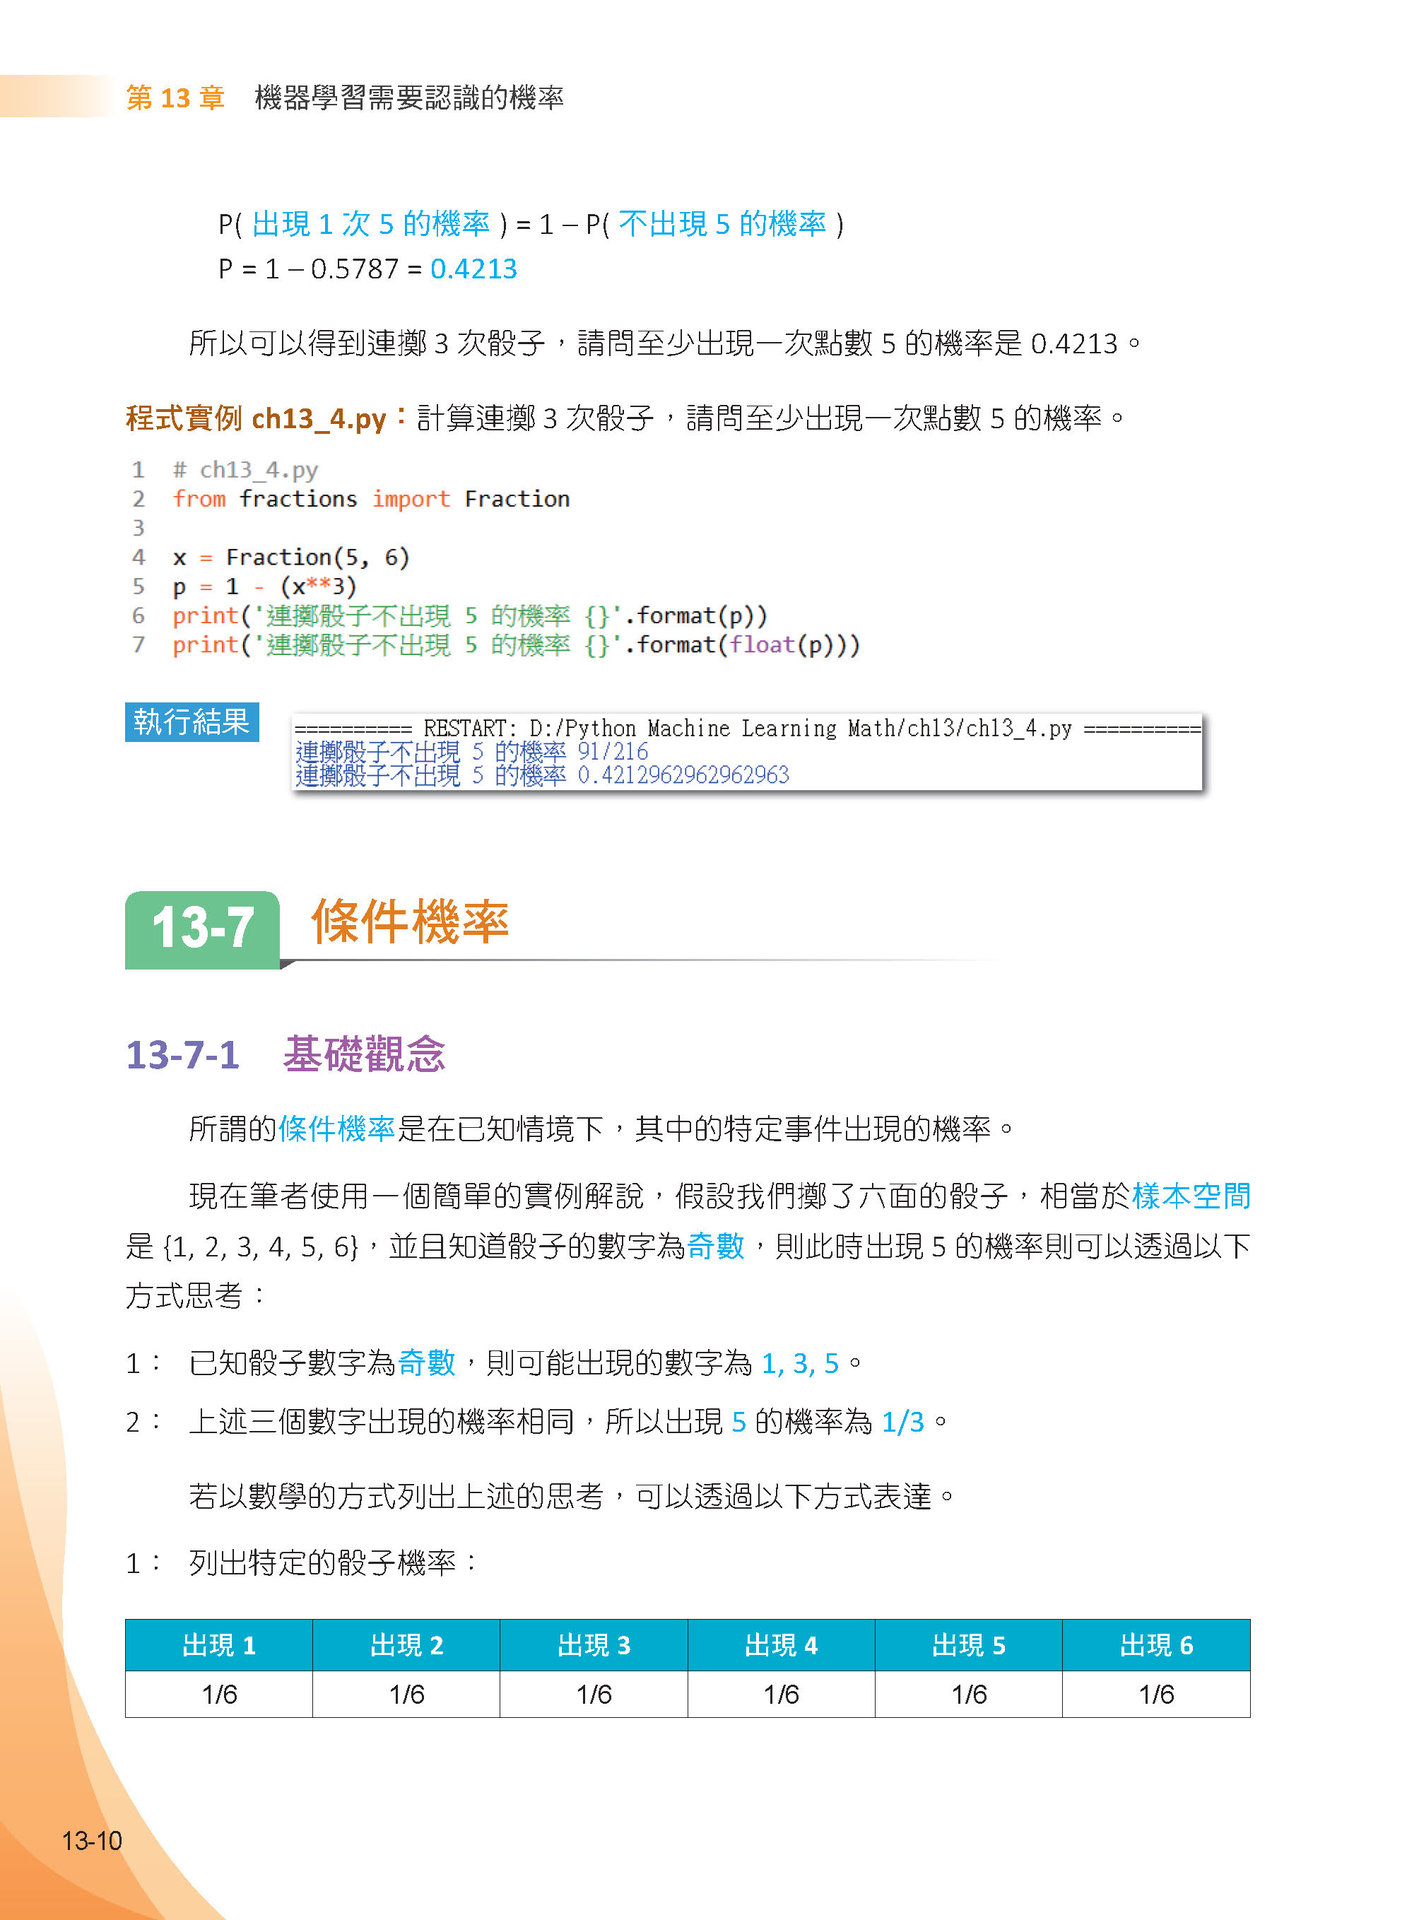 機器學習:彩色圖解 + 基礎數學篇 + Python實作 -- 王者歸來 (全彩)-preview-10